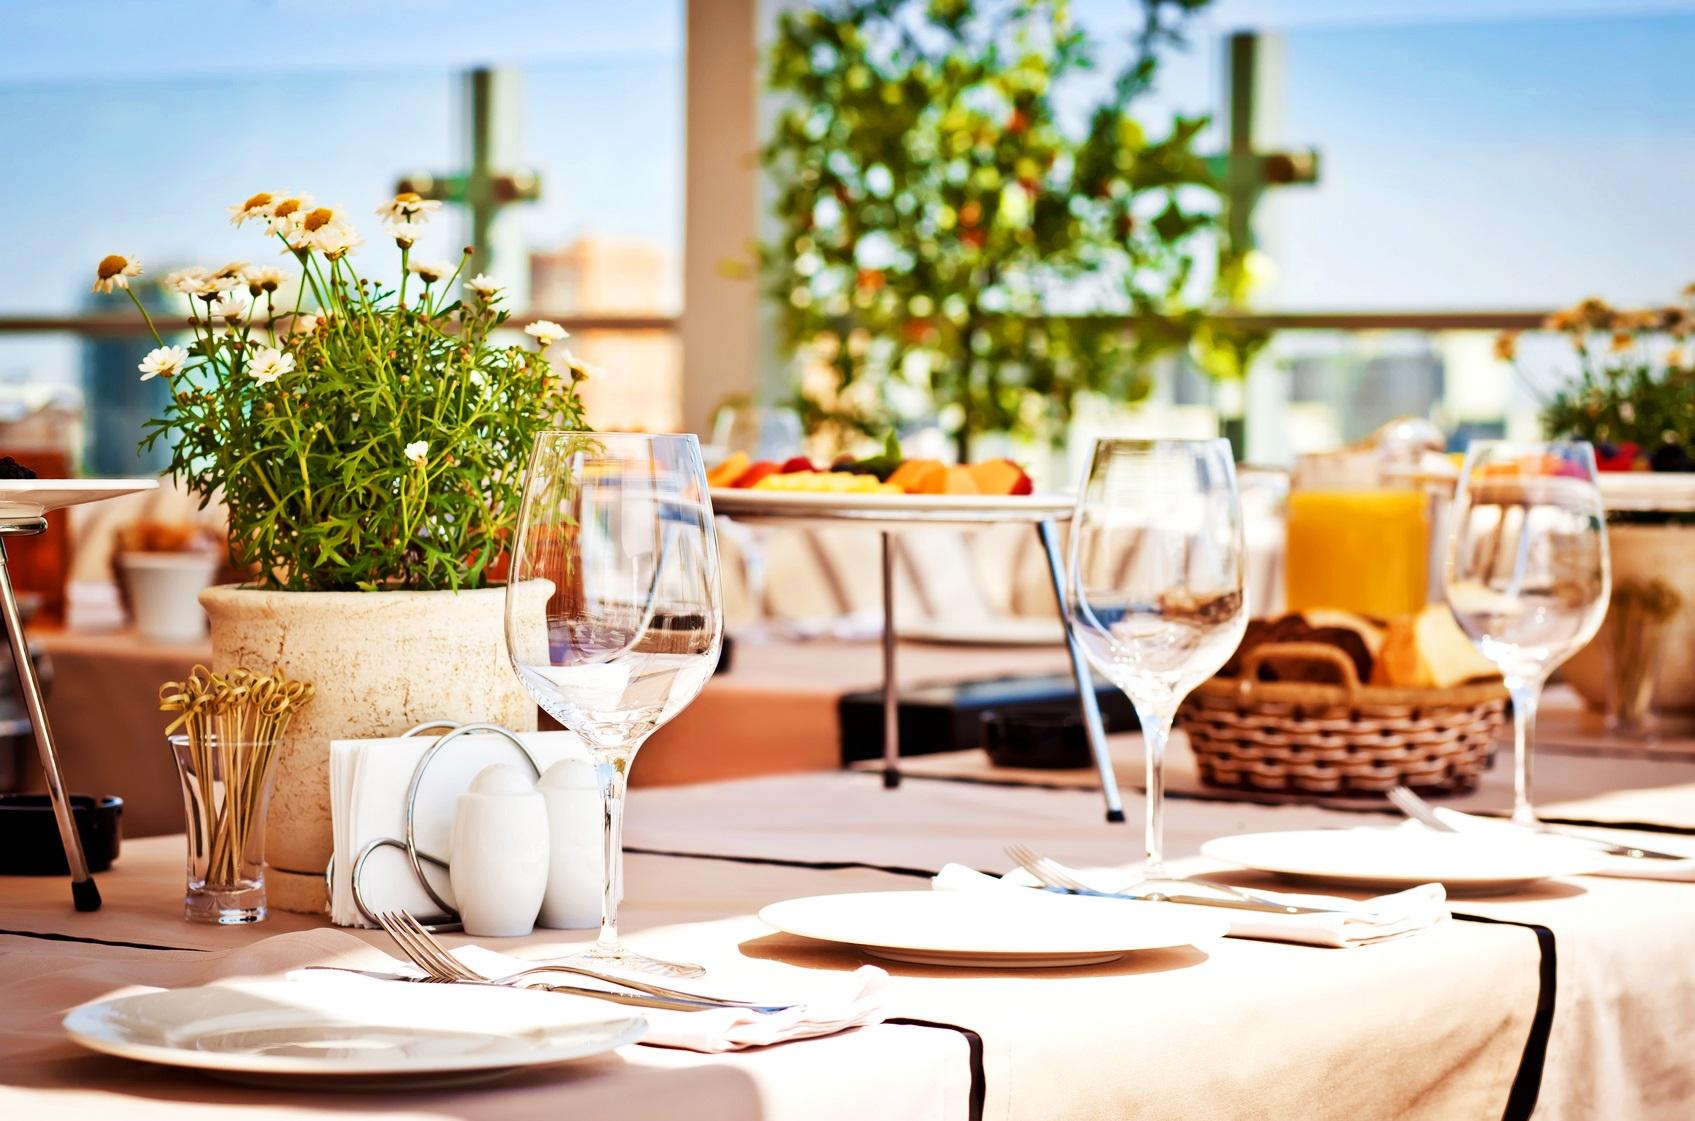 Per la festa della donna il ristorante prenotalo su Restalo.it!